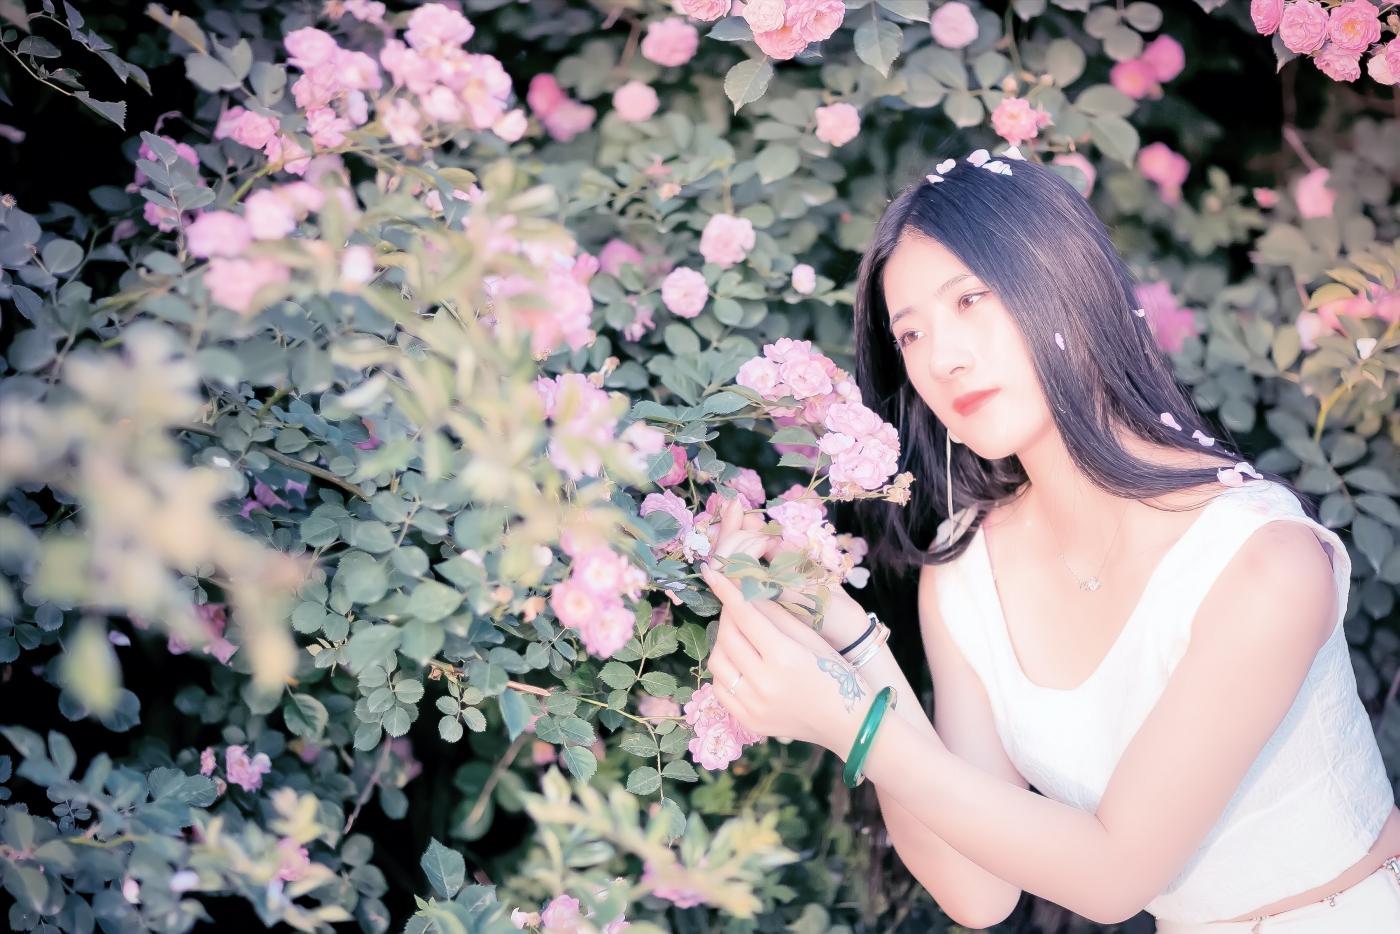 临沂大学有这么一道美丽的蔷薇长廊 当蔷薇MM王璐在她面前走过 ..._图1-13